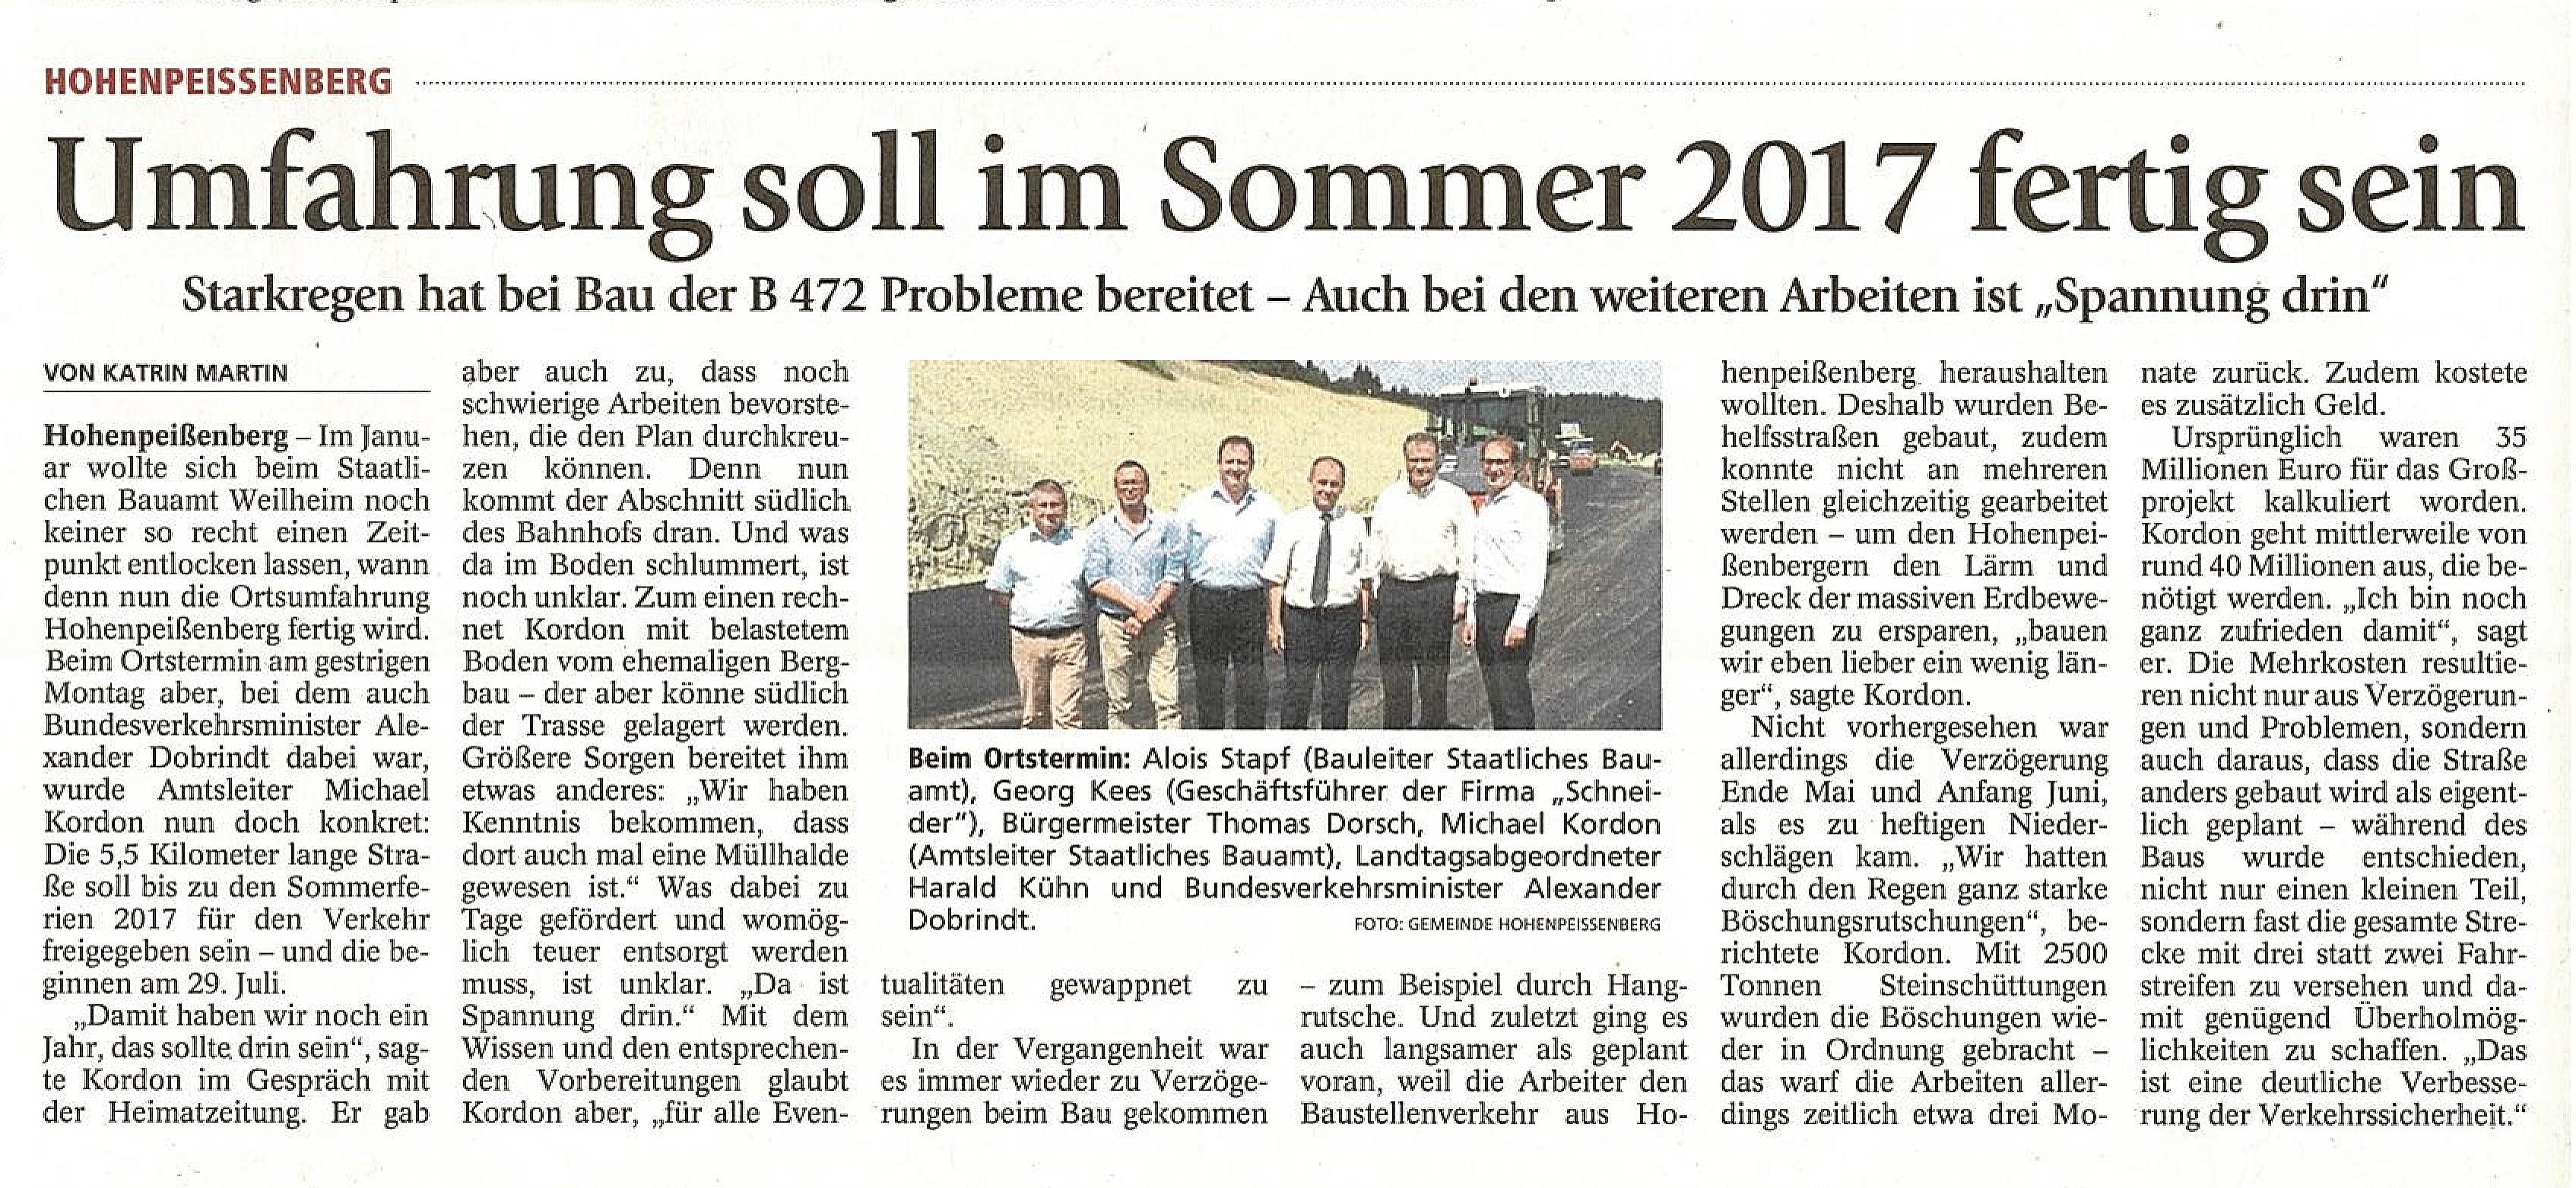 Weilheimer Tagblatt 12. Juli 2016